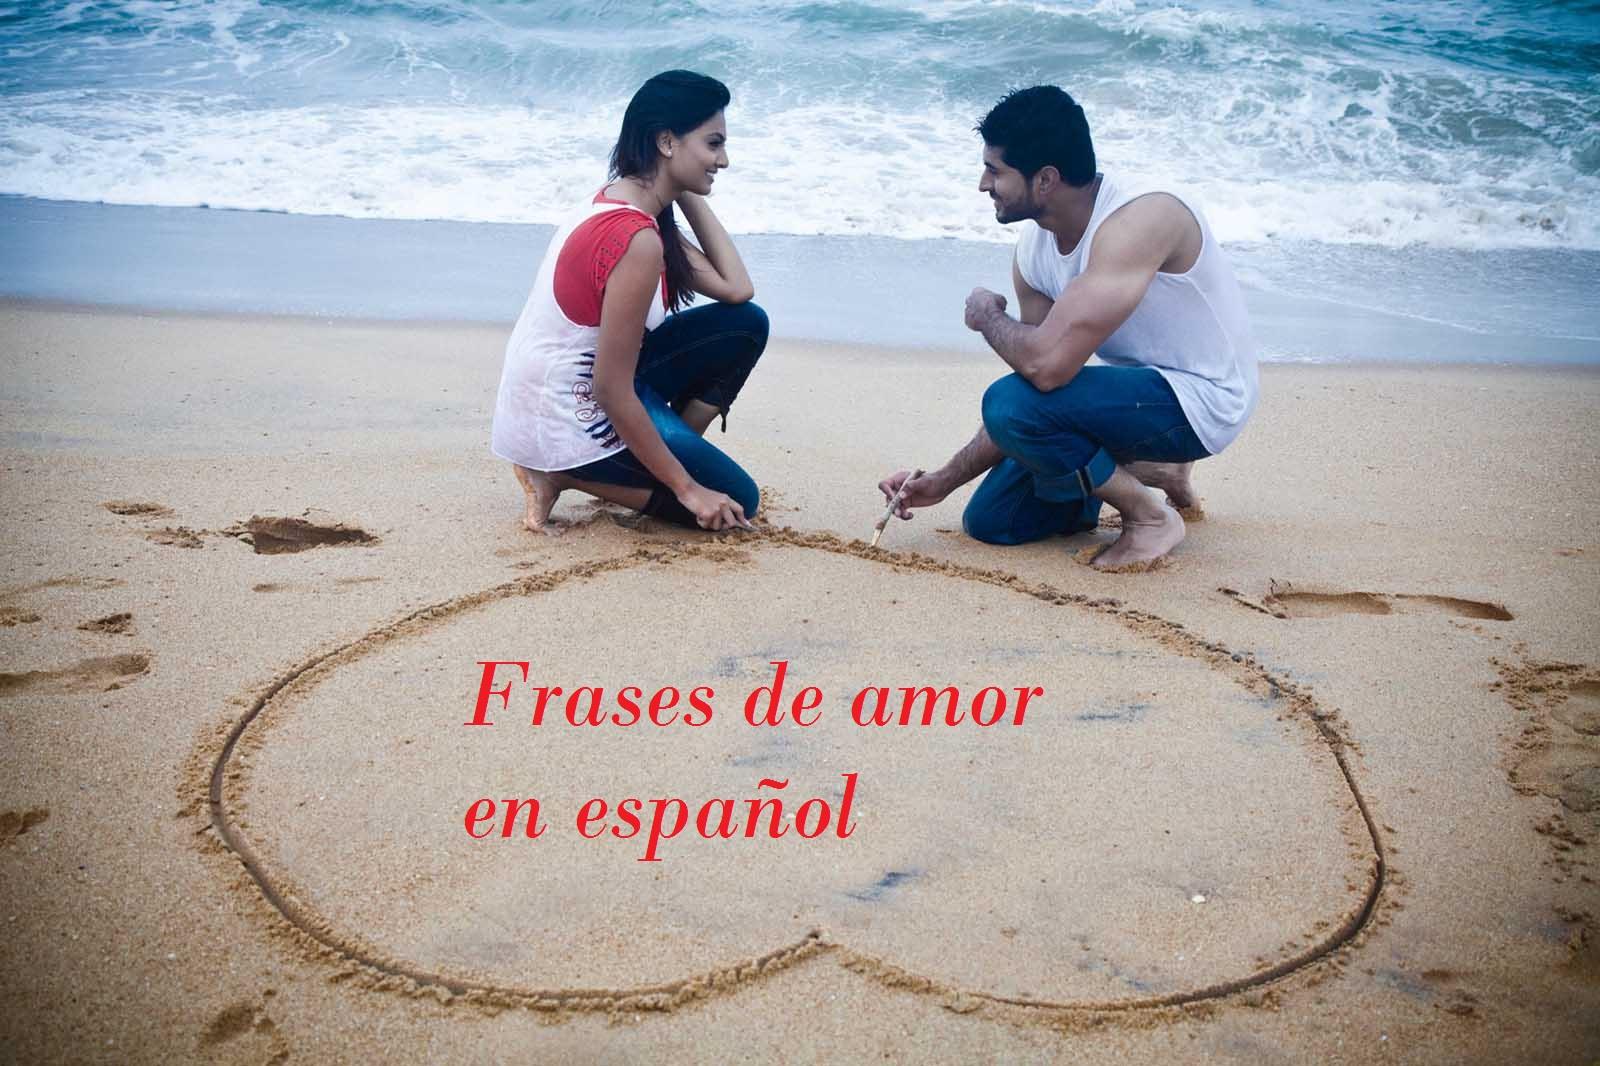 صورة صور معبرة باللغة الاسبانية